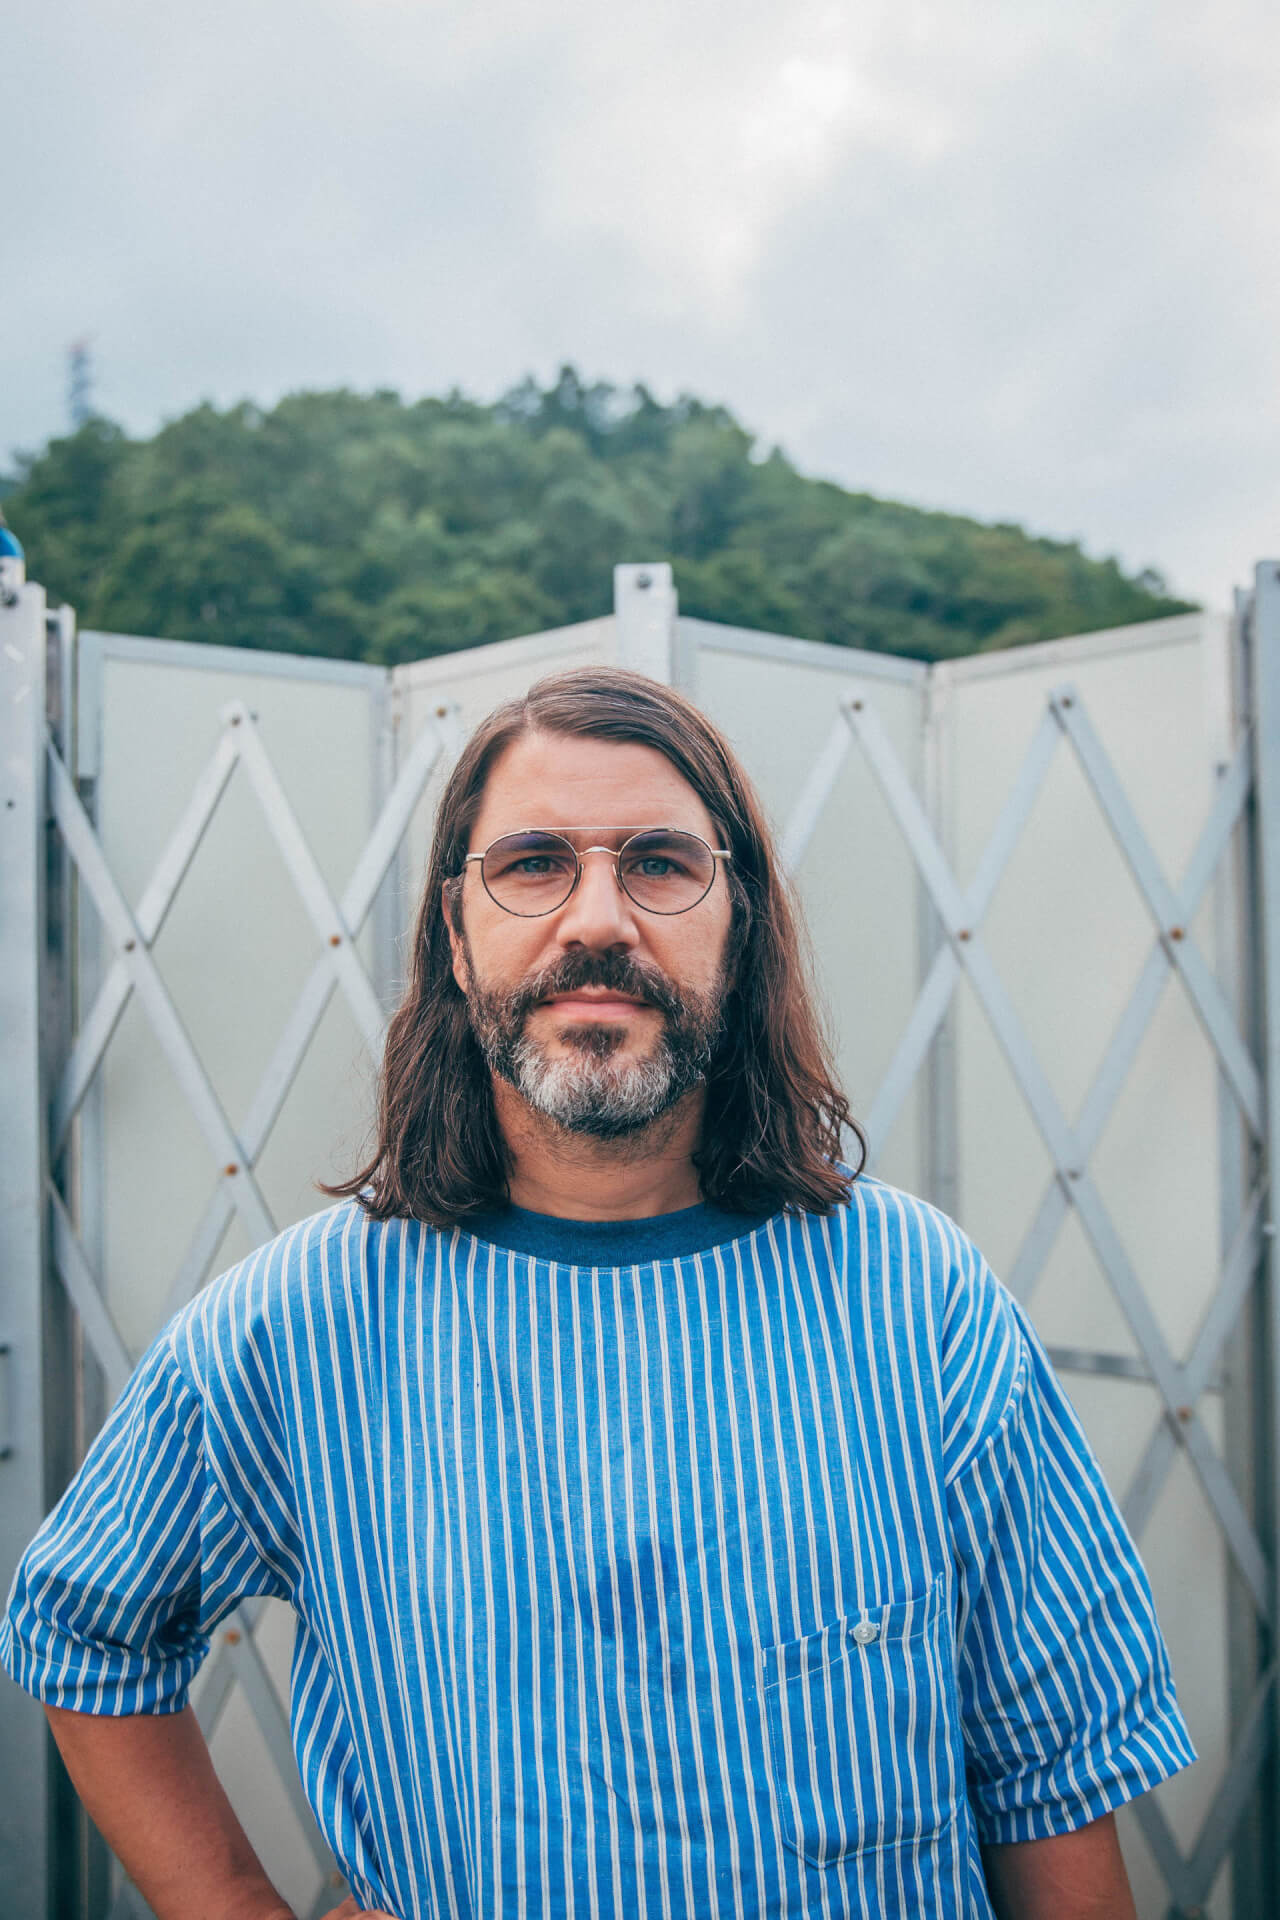 フジロック現地interview|Quanticにとってミニマリズム、オーガニック・サウンド、人間性とは? music190820-quantic-2